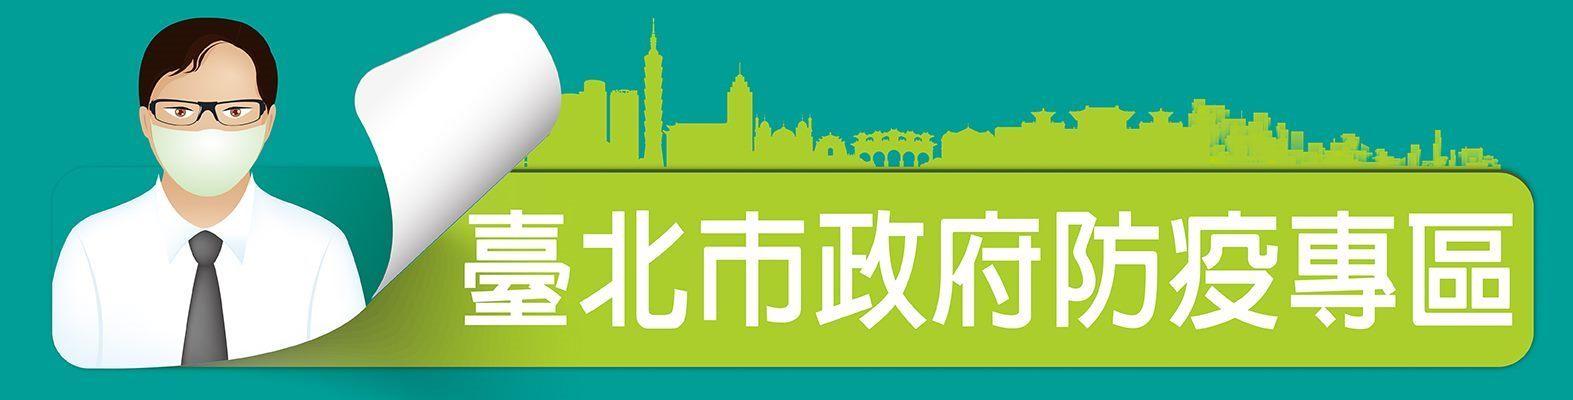 臺北市政府防疫專區